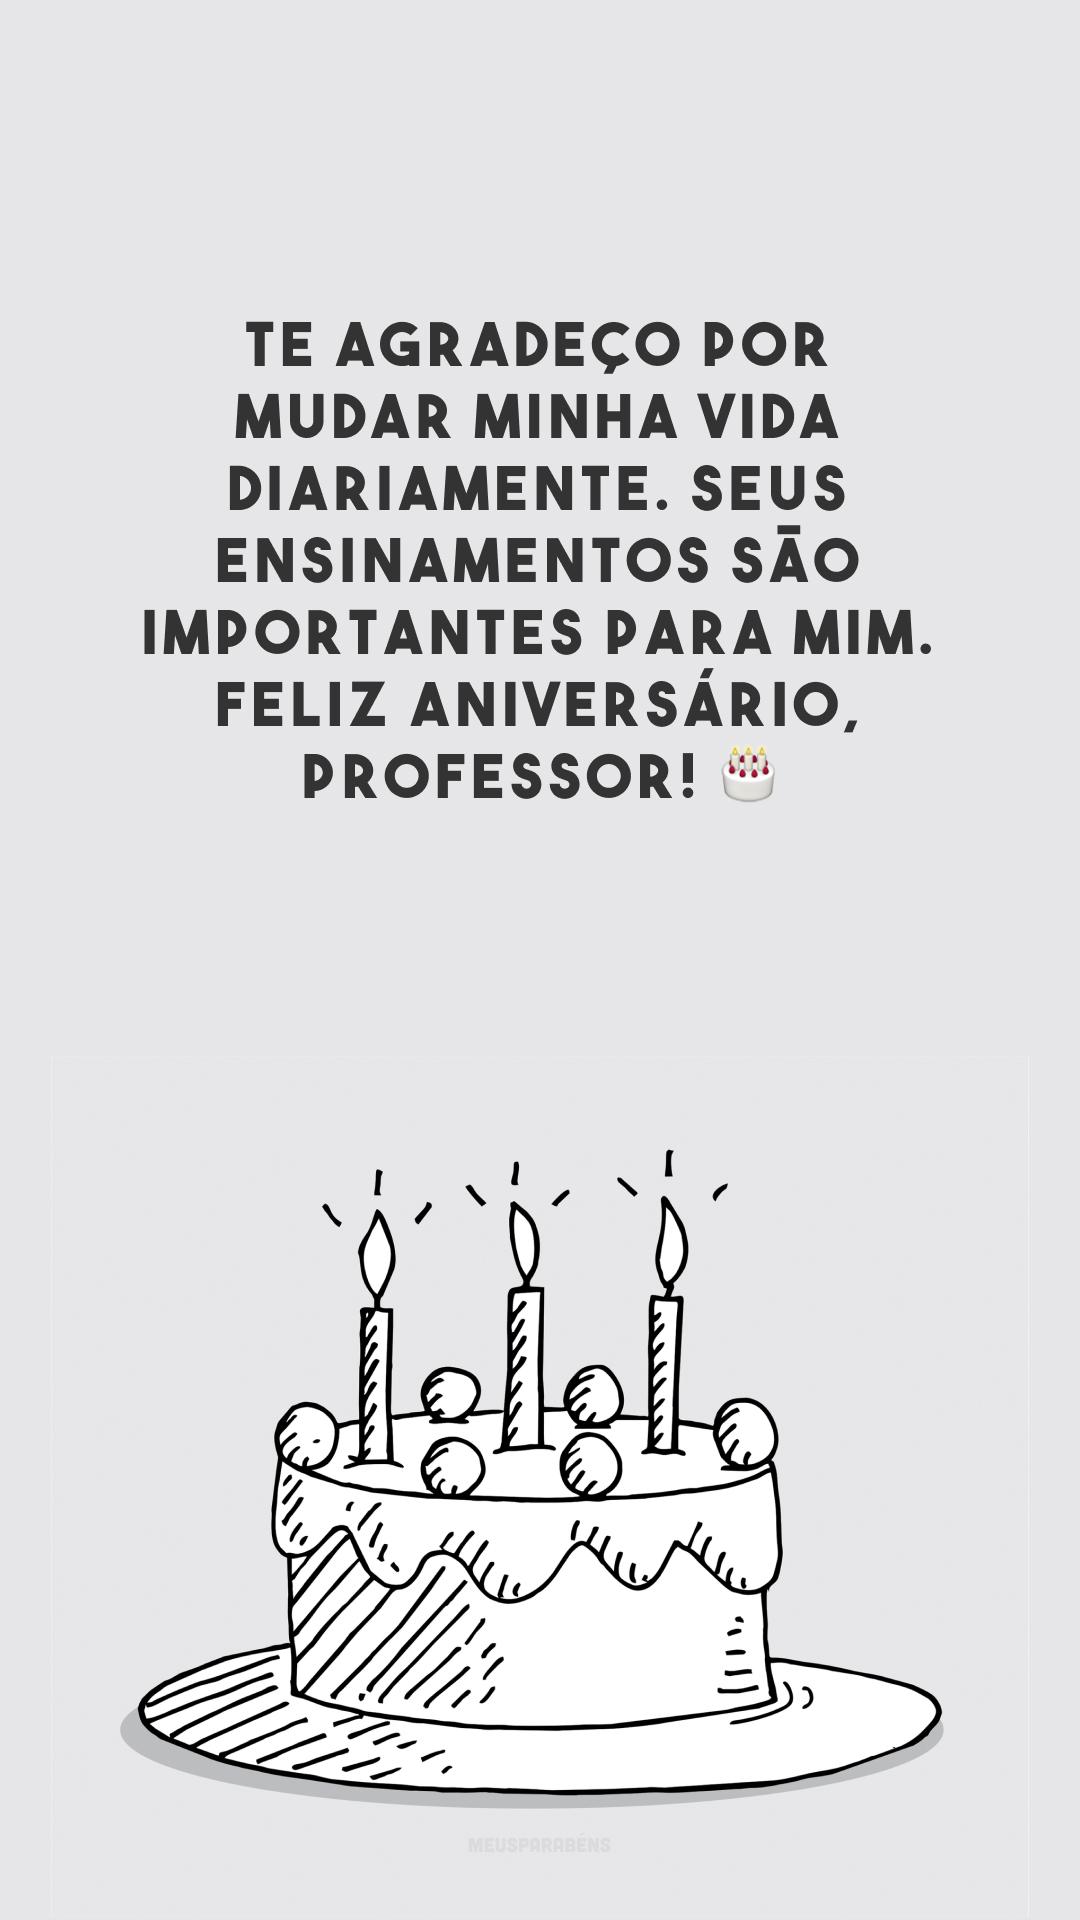 Te agradeço por mudar minha vida diariamente. Seus ensinamentos são importantes para mim. Feliz aniversário, professor! 🎂